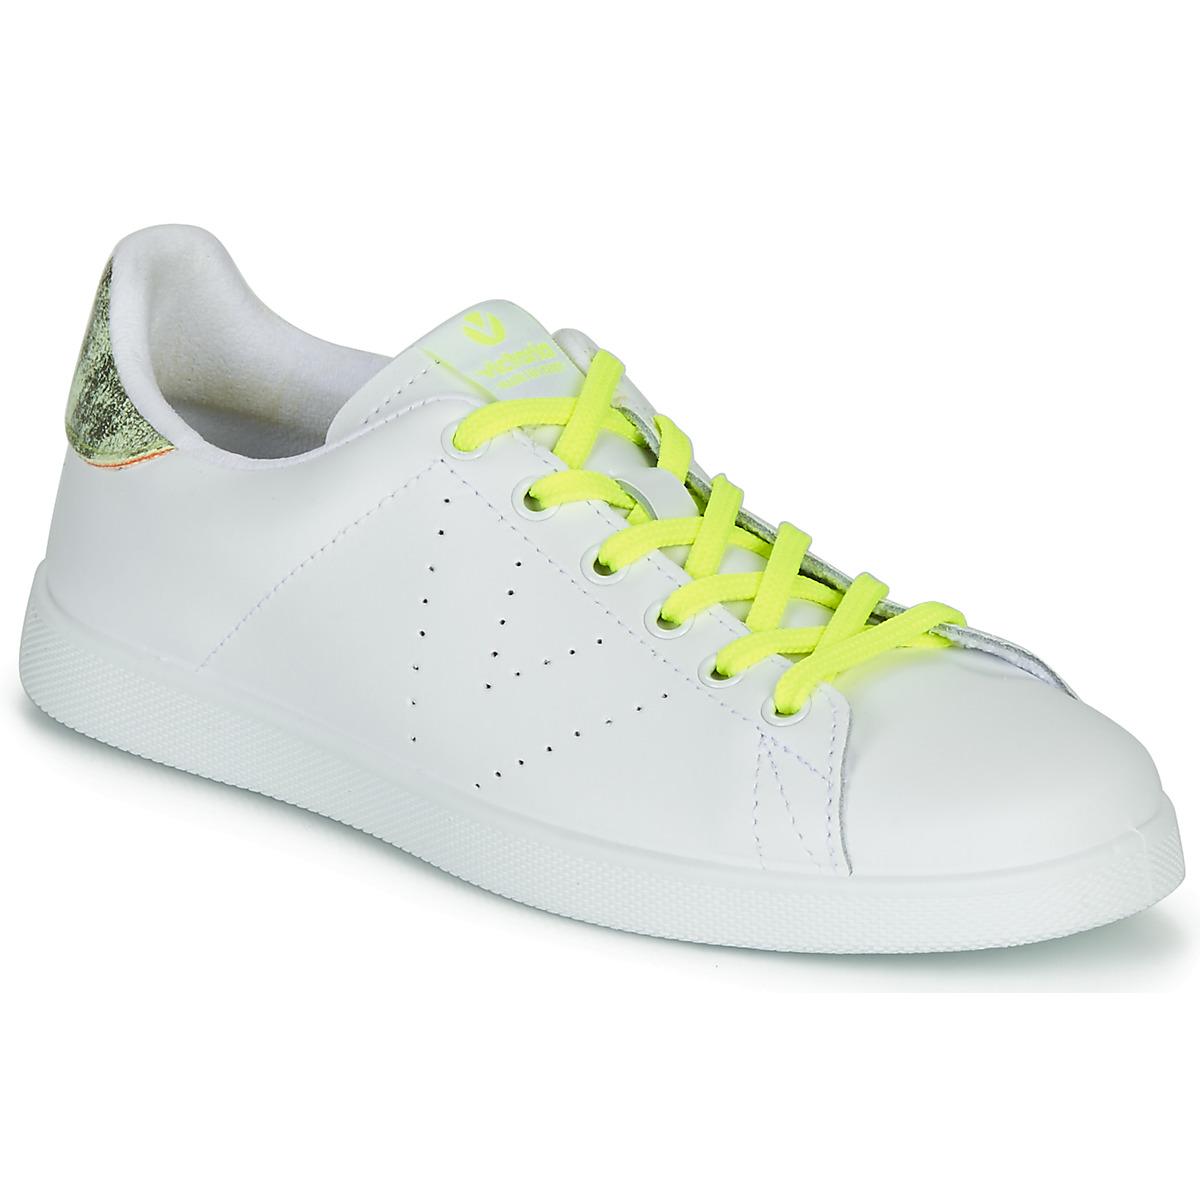 Sneakers Victoria  TENIS PIEL FLUO